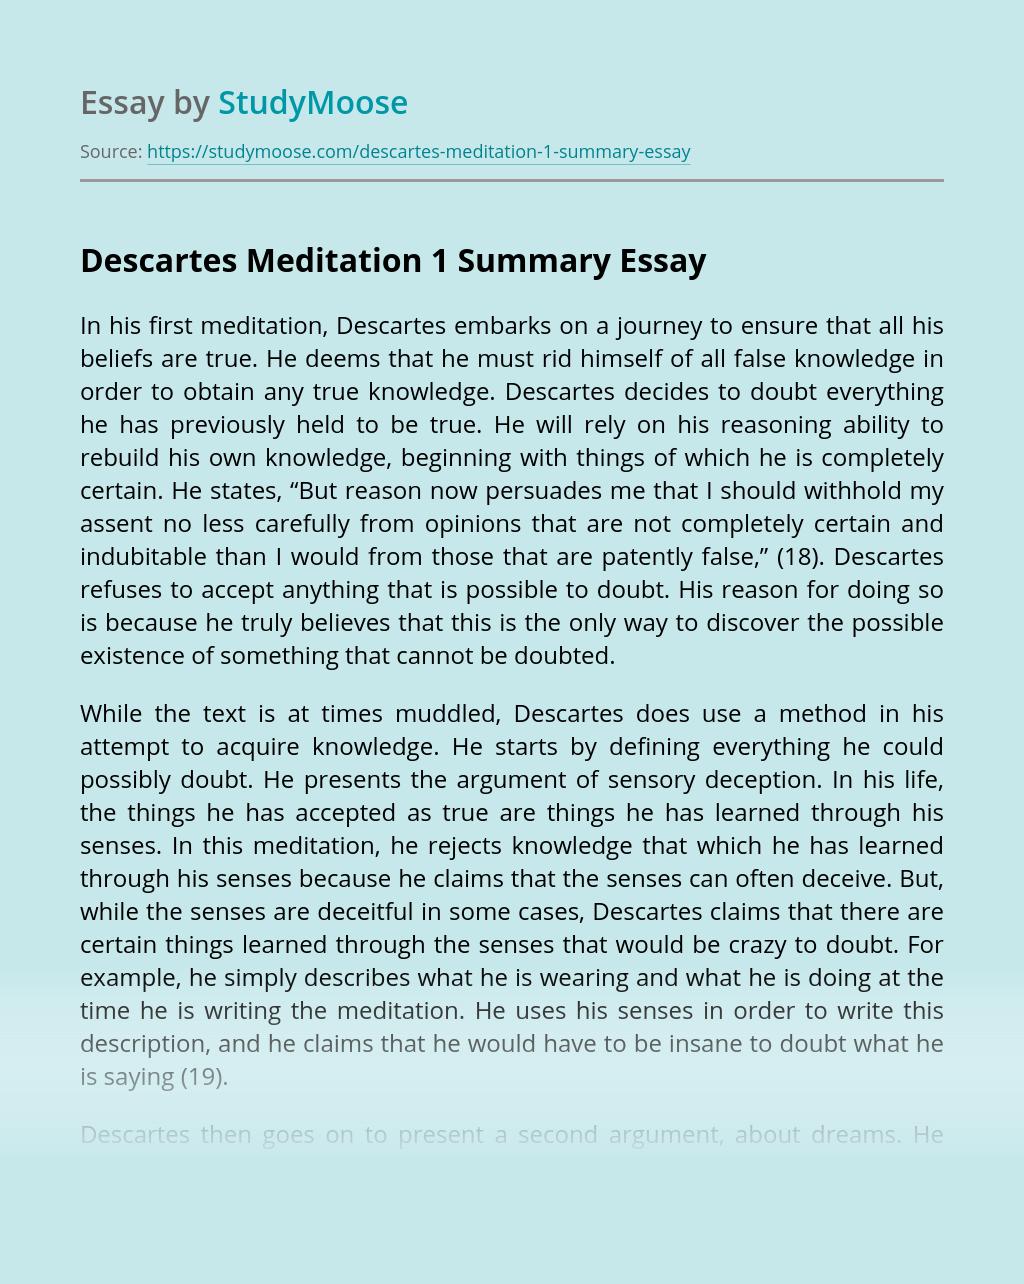 Descartes Meditation 1 Summary